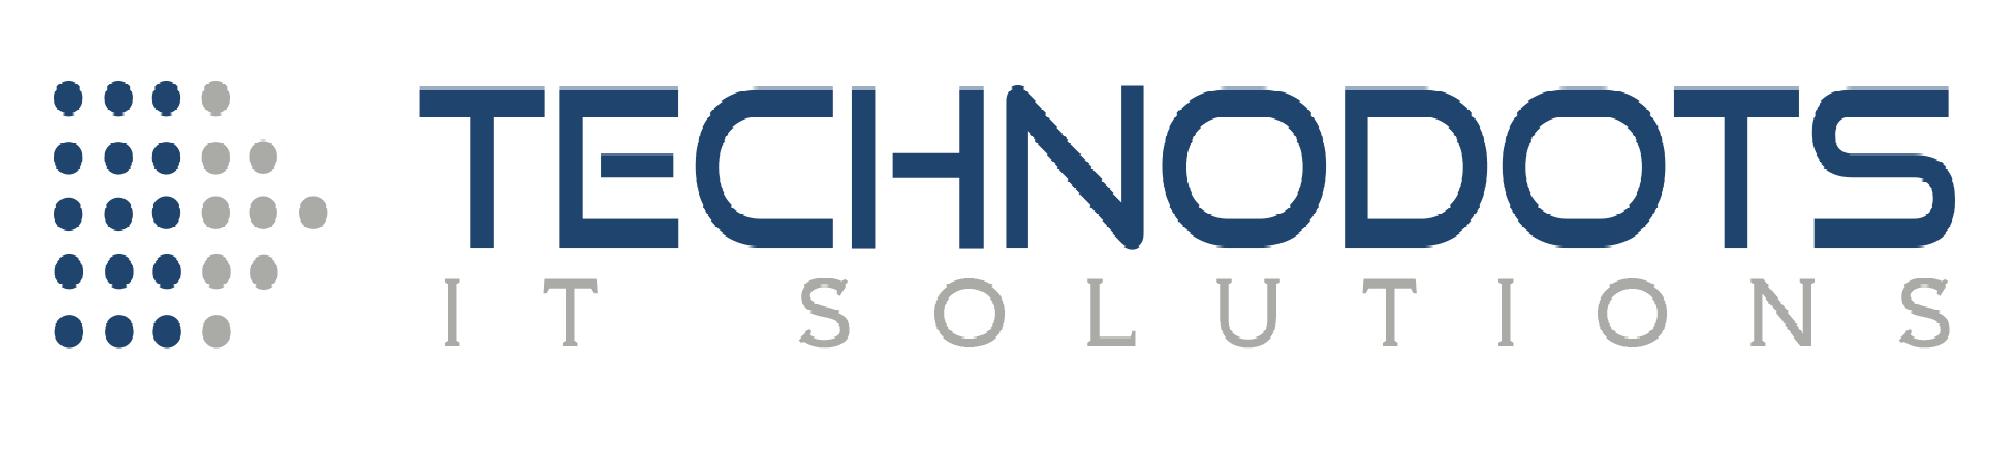 Technodots